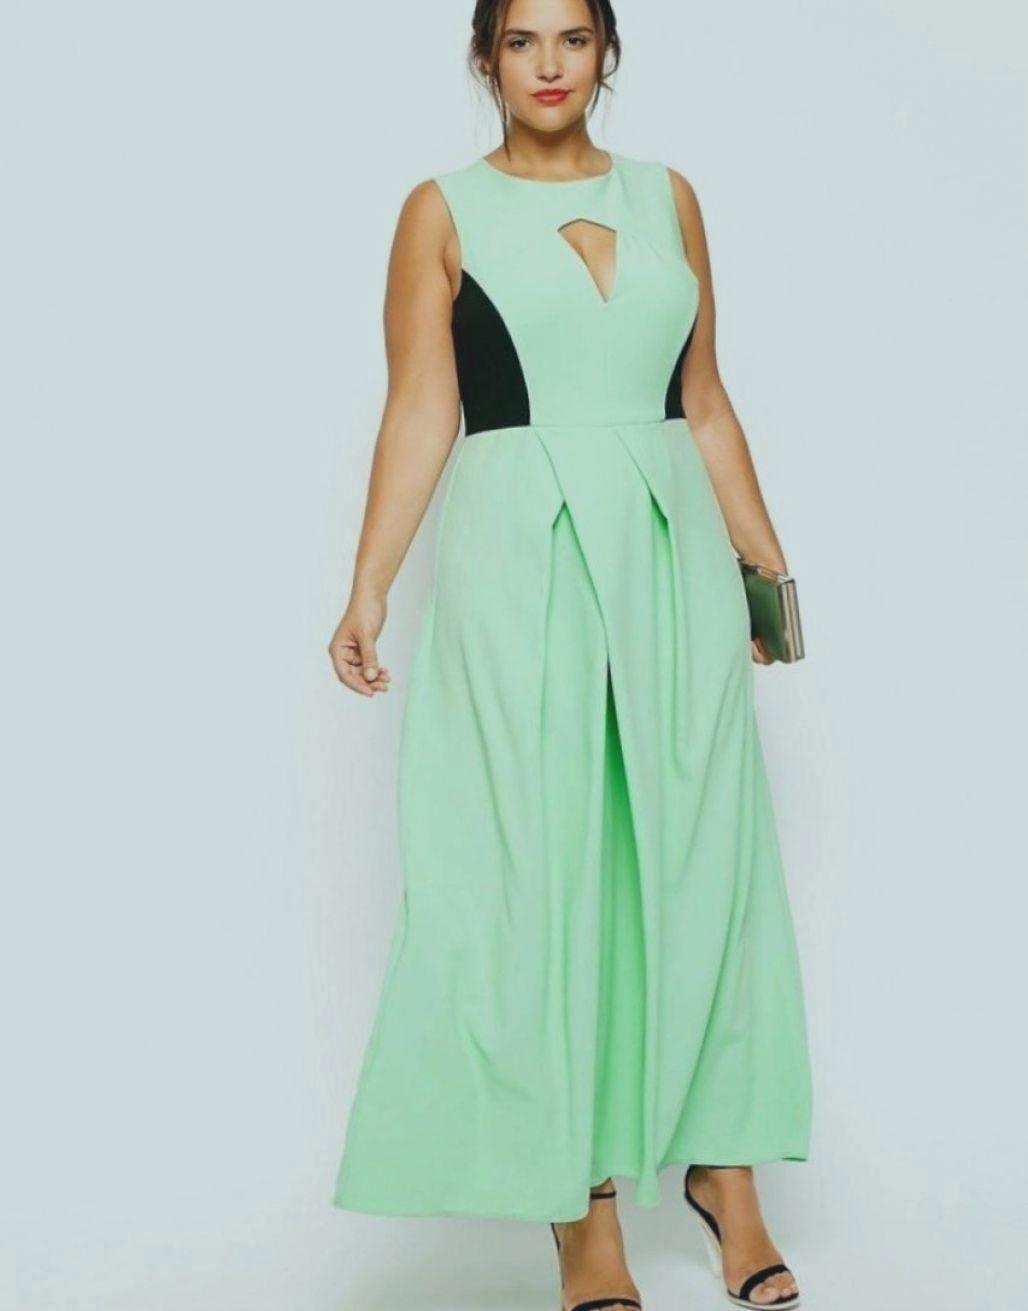 kleider zur silberhochzeit - Top Modische Kleider  Kleider